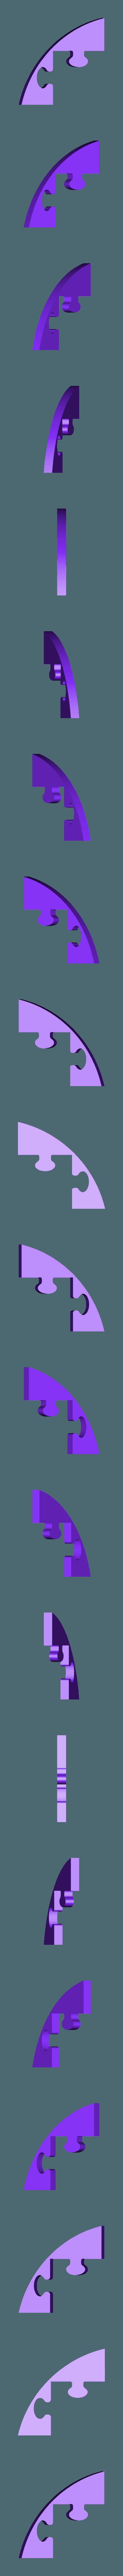 A3.stl Télécharger fichier STL gratuit Plaque de puzzle • Plan à imprimer en 3D, quangdo1700